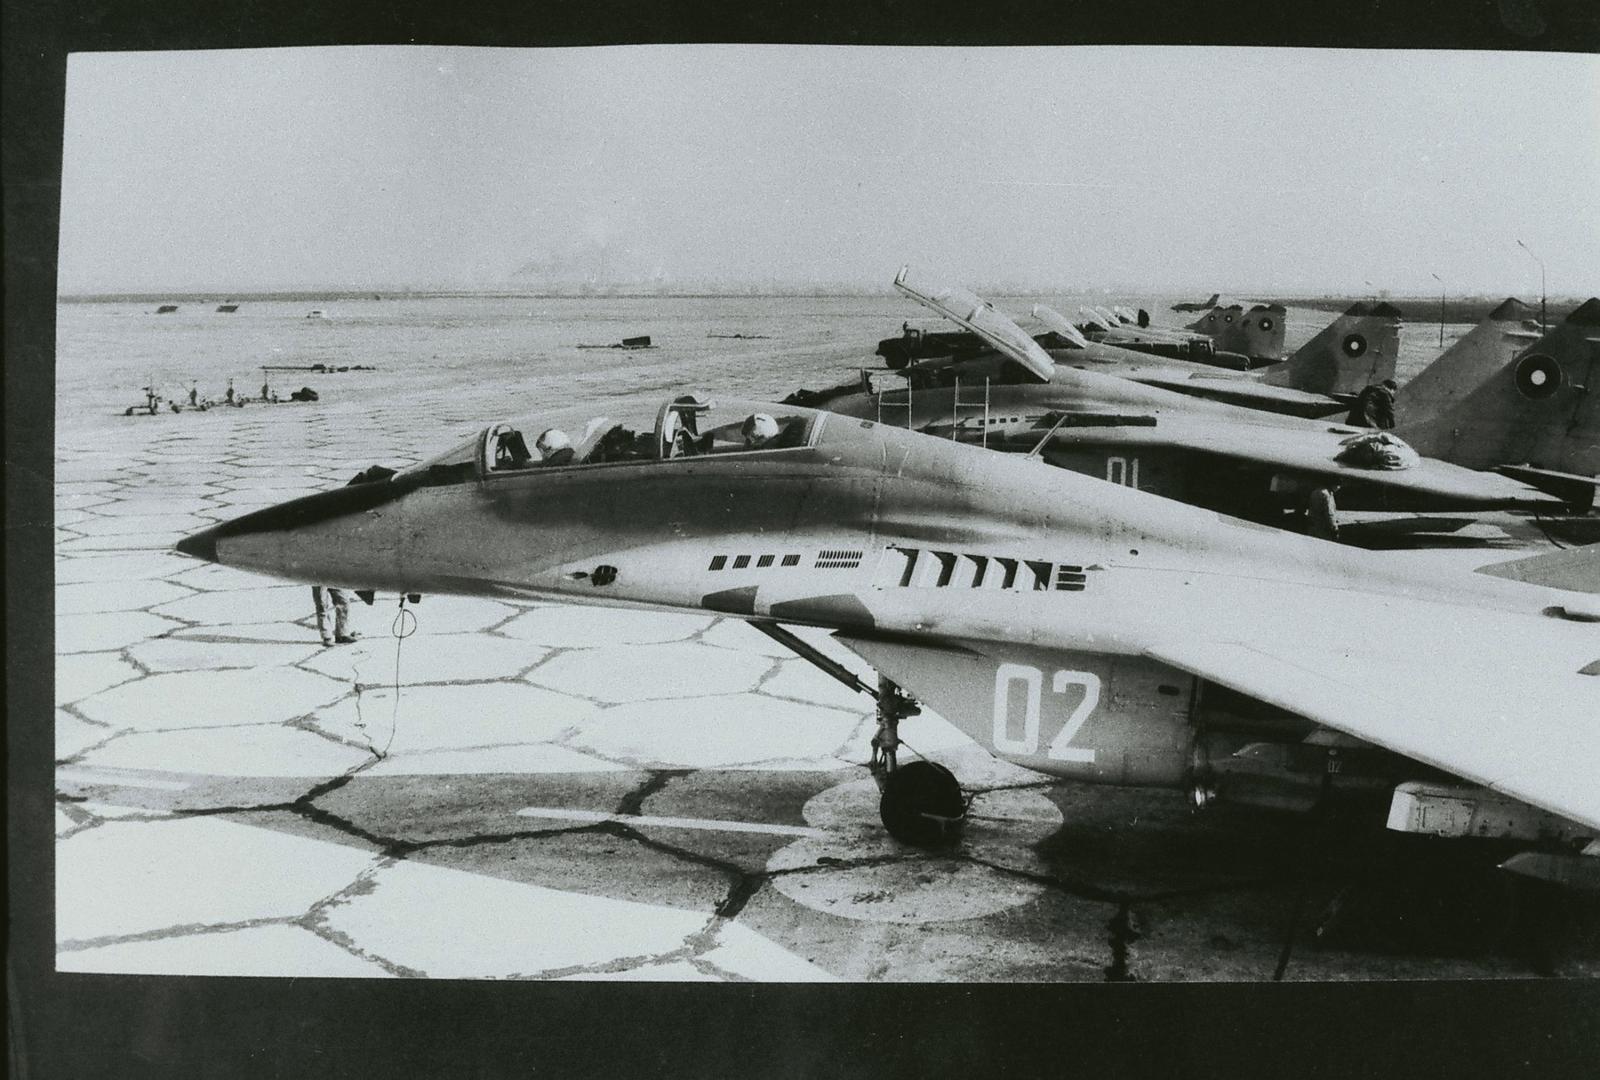 ГЕНЕРАЛ МАНЕВ: БЪЛГАРИЯ СЕ ПРЕВЪОРЪЖИ С НАЙ-МОДЕРНИЯ ЗА ВРЕМЕТО ИЗТРЕБИТЕЛ НА ВАРШАВСКИЯ ДОГОВОР - МИГ-29!